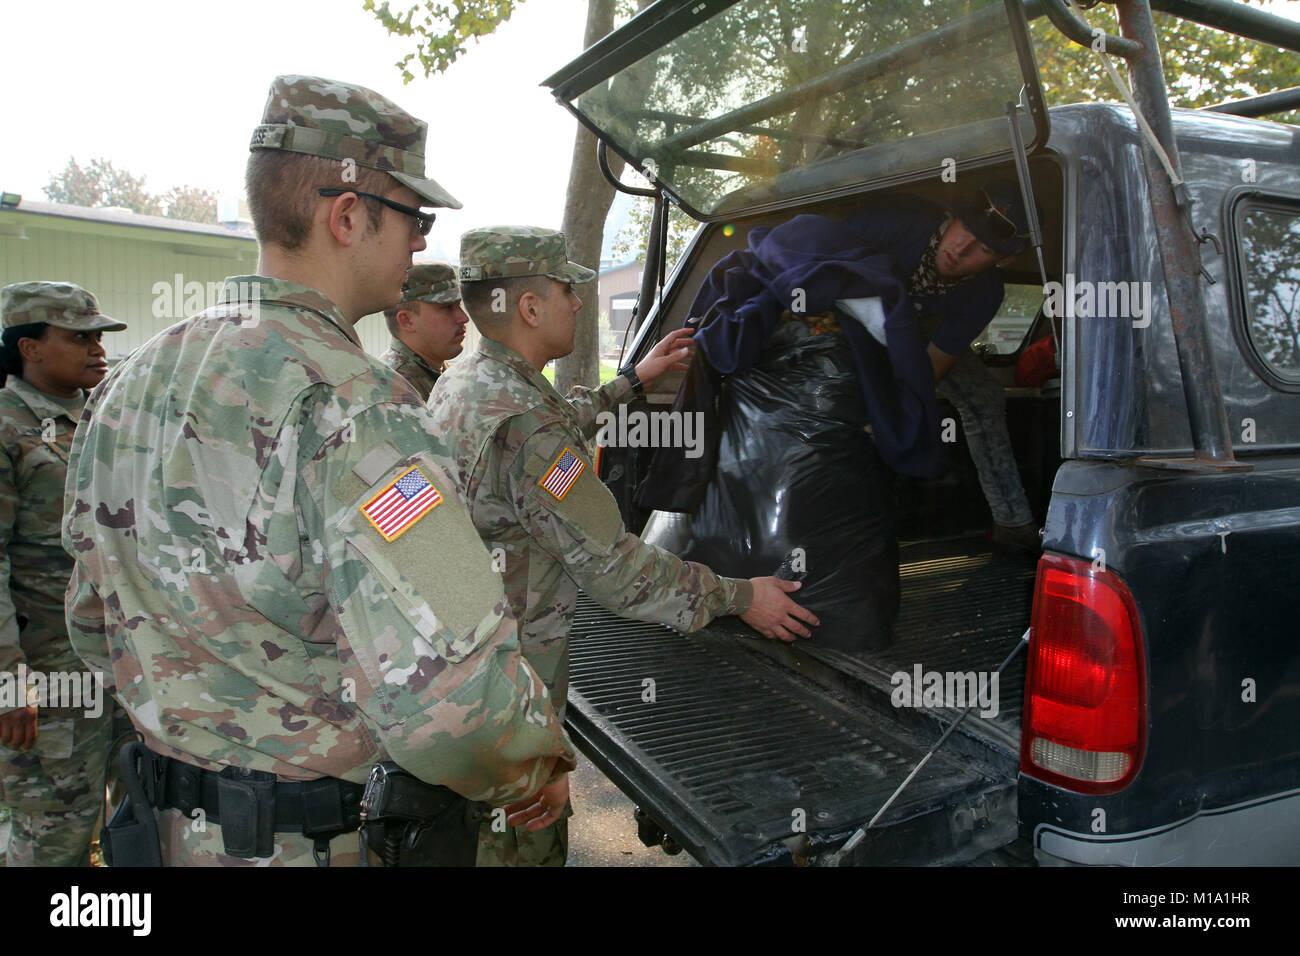 Fantástico Reanudar Muestra De Experiencia Militar Imagen ...